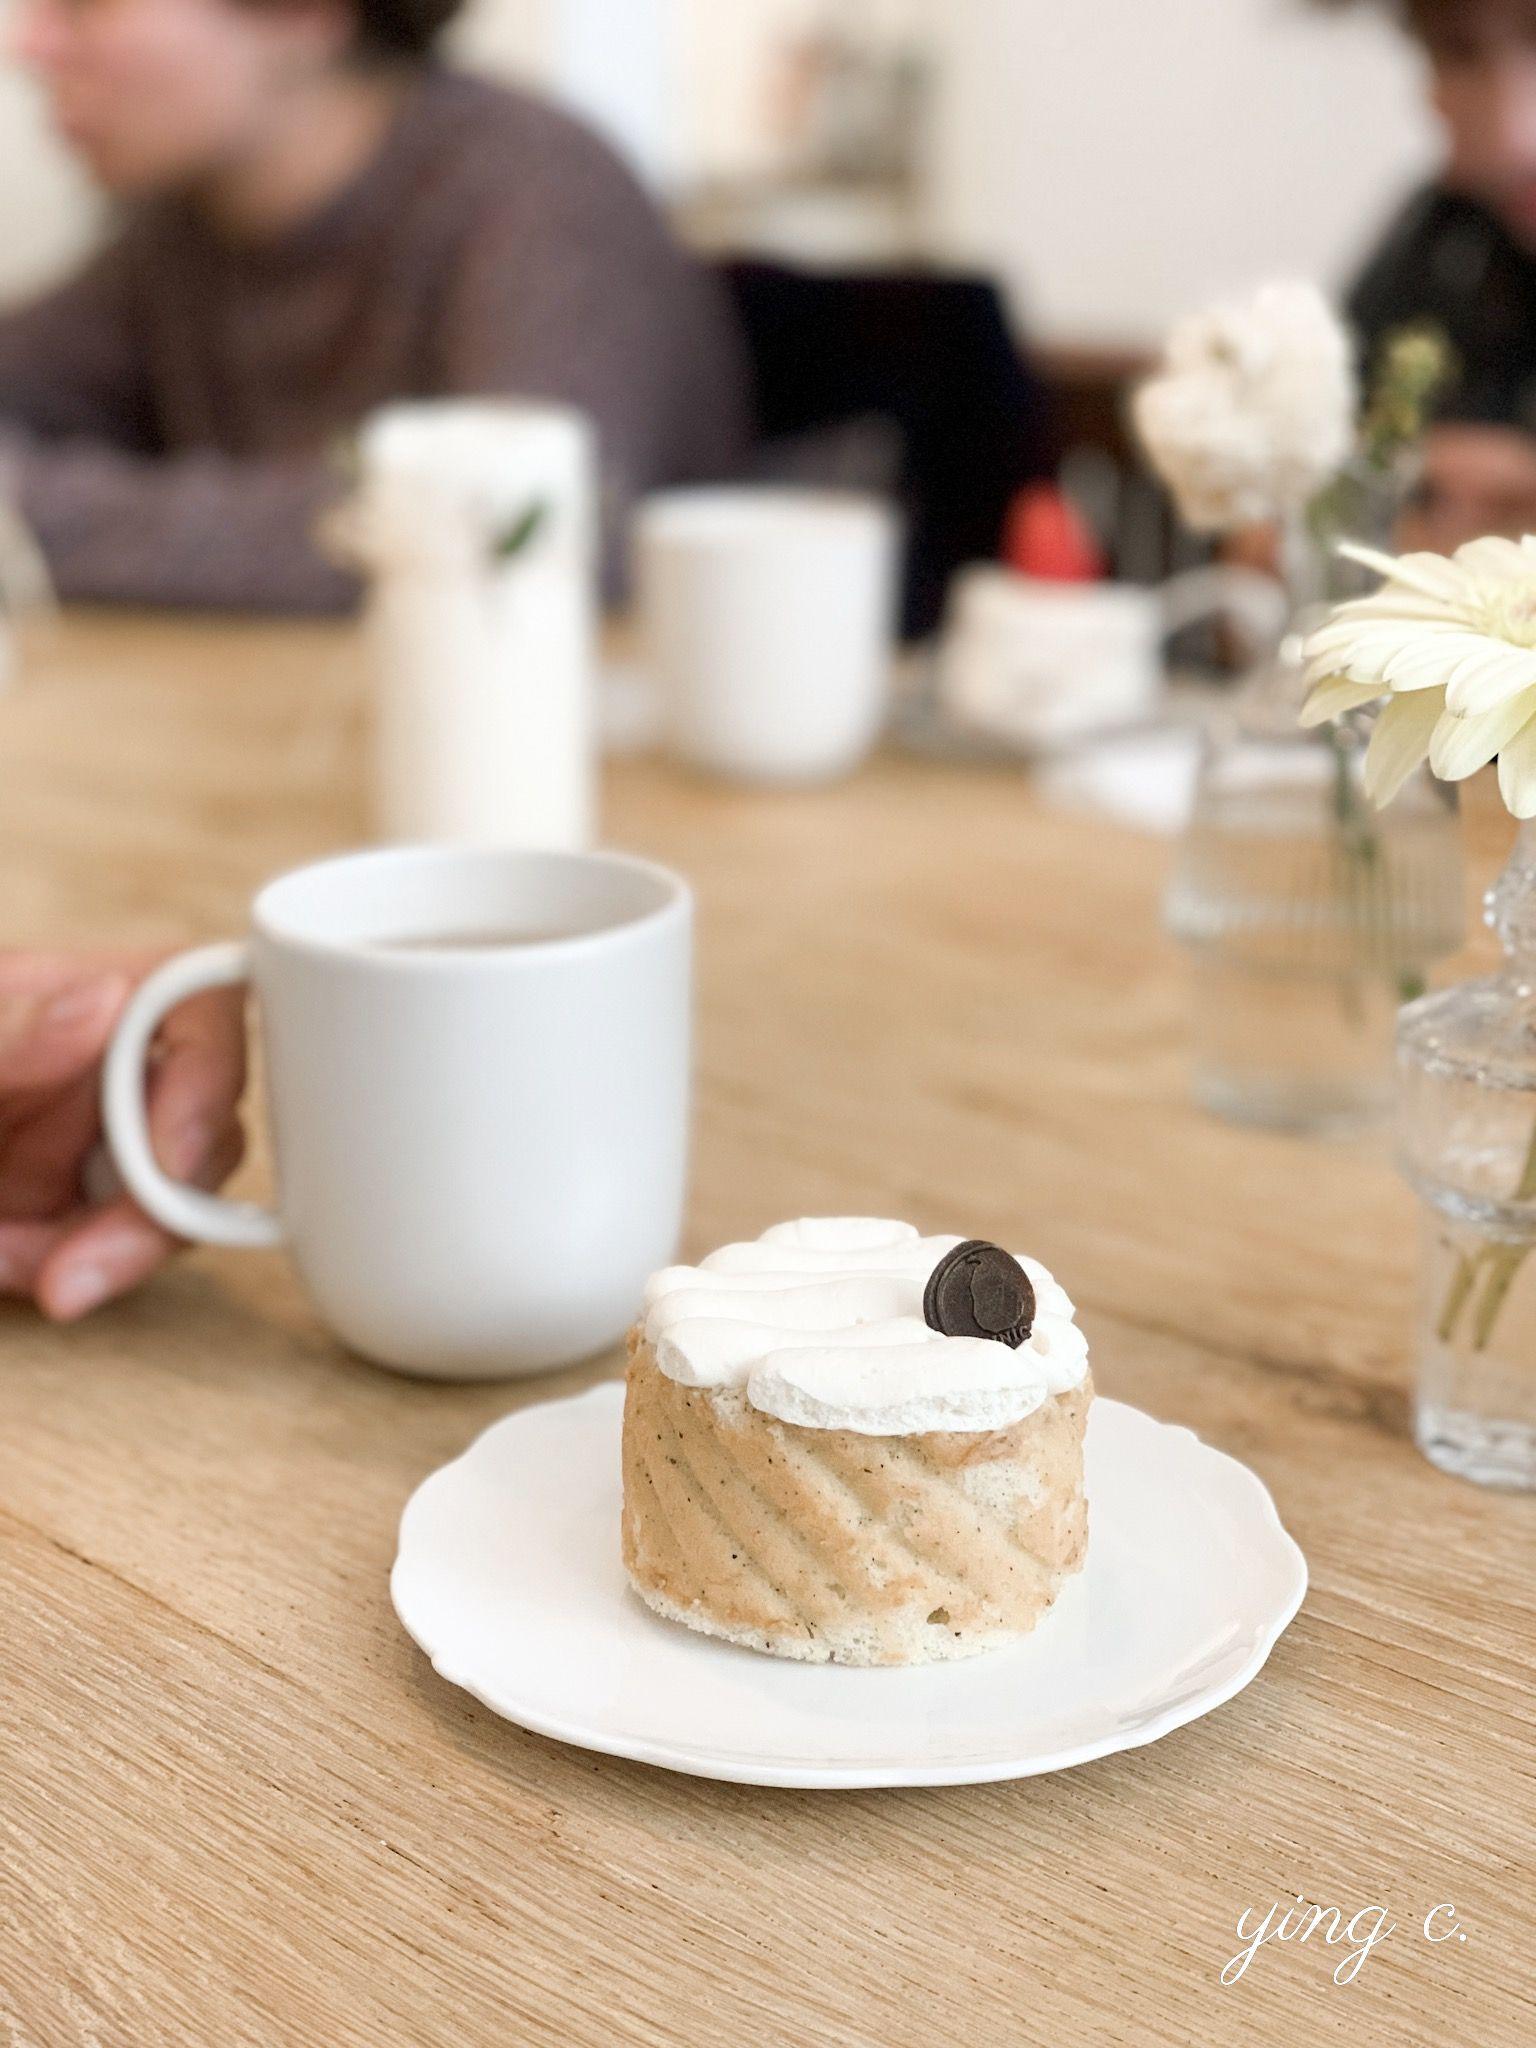 韓國咖啡店BINICI的紅茶口味蛋糕捲(roll thé noir)。